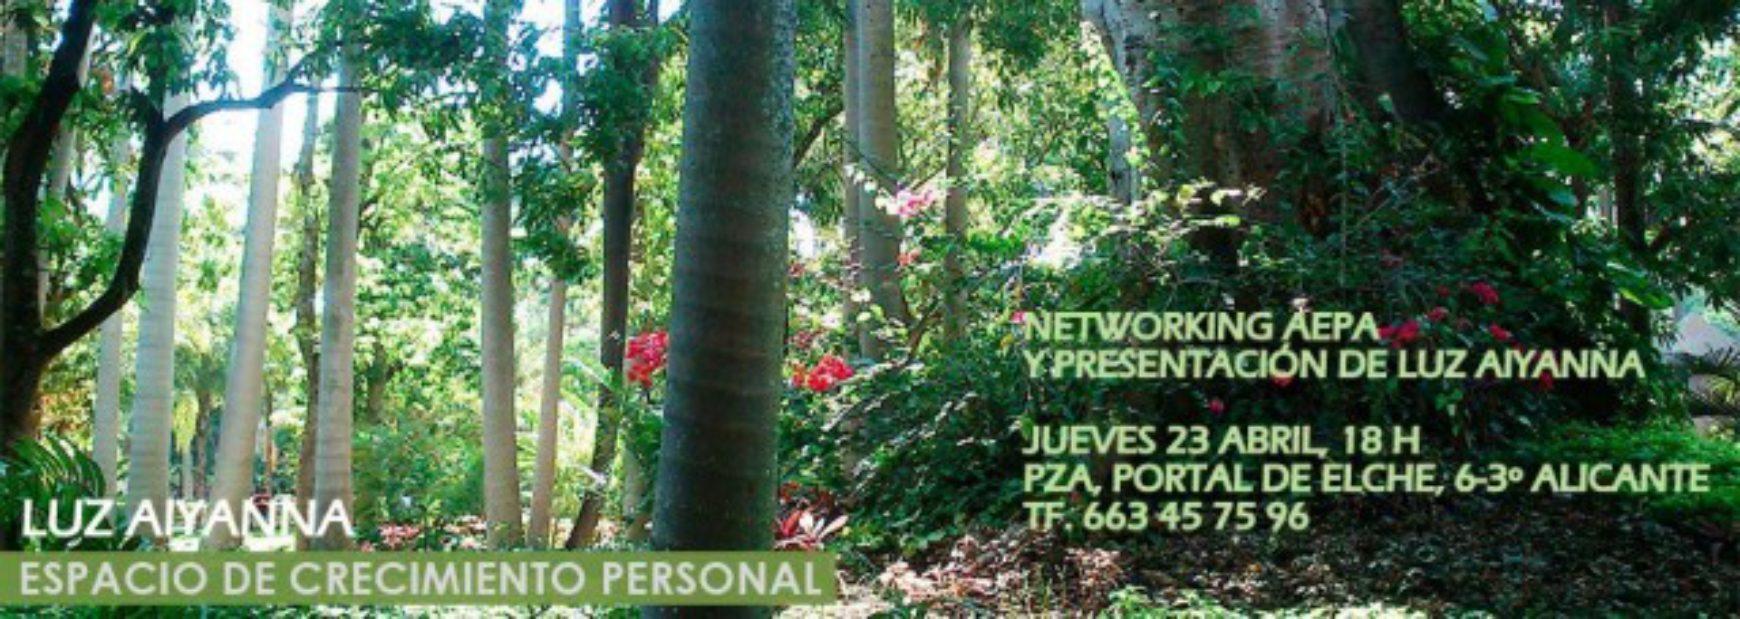 AEPA visita tu empresa: Luz Aiyanna centro de crecimiento personal